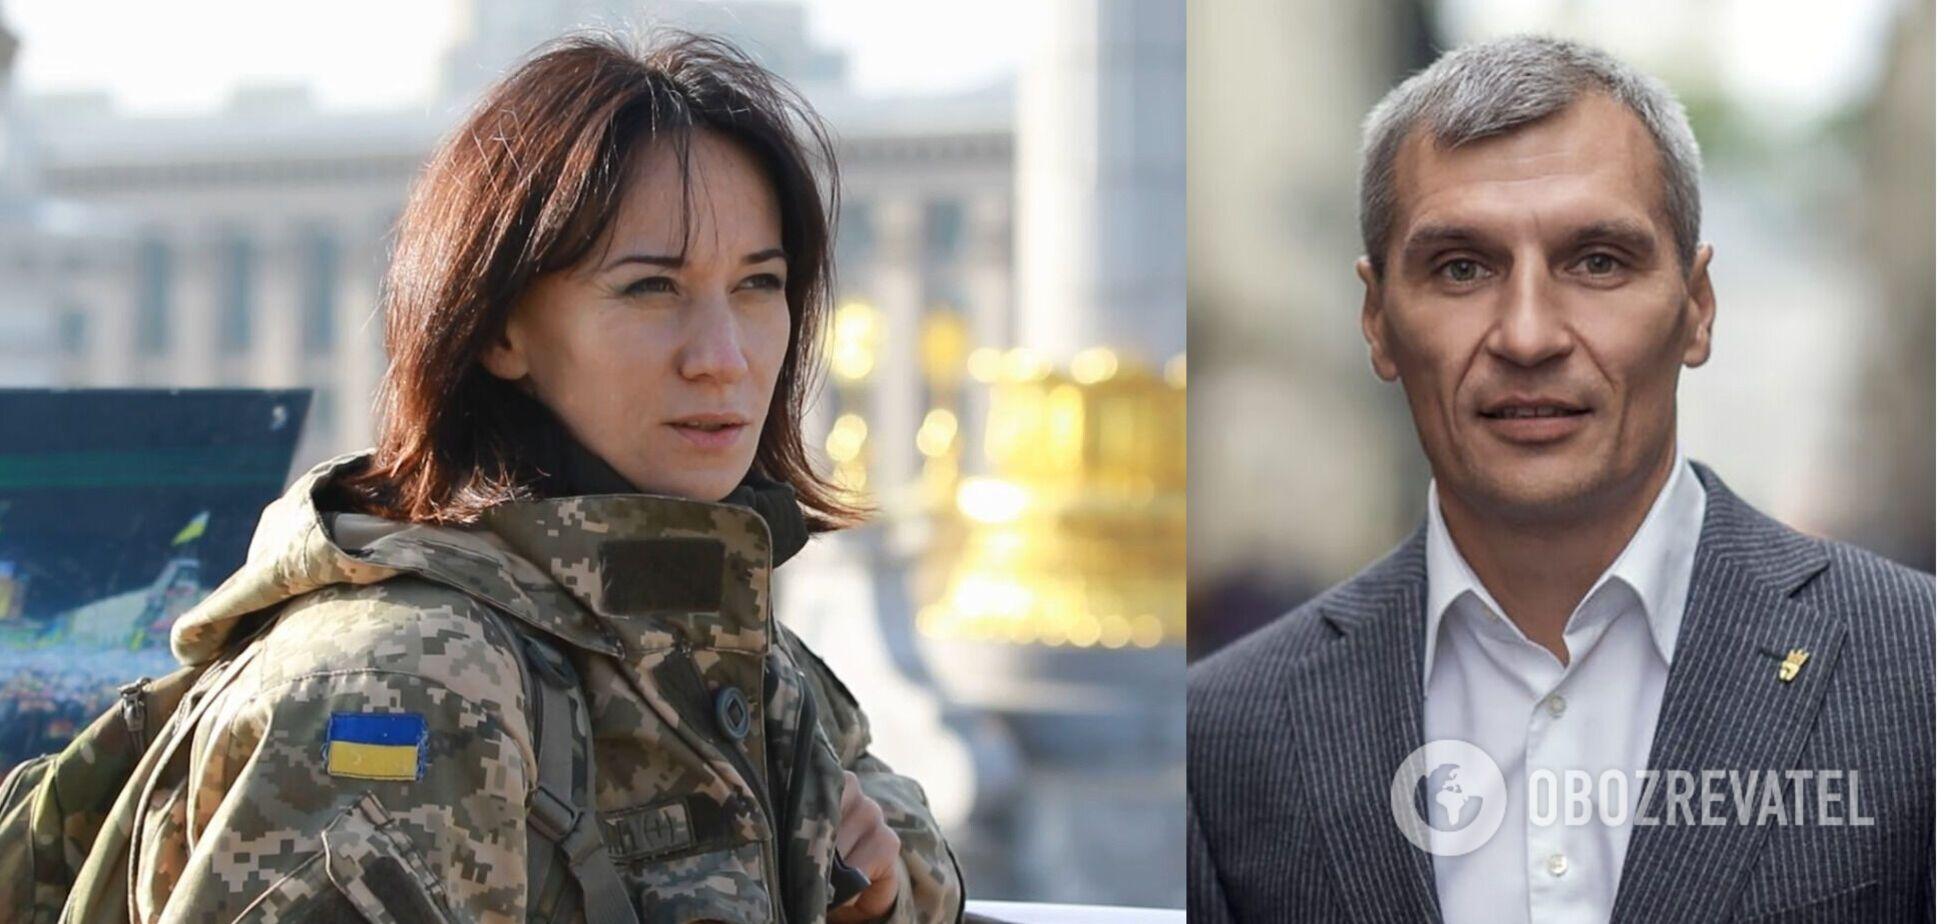 Зверобой сняла свою кандидатуру на выборах на Прикарпатье в пользу Кошулинского